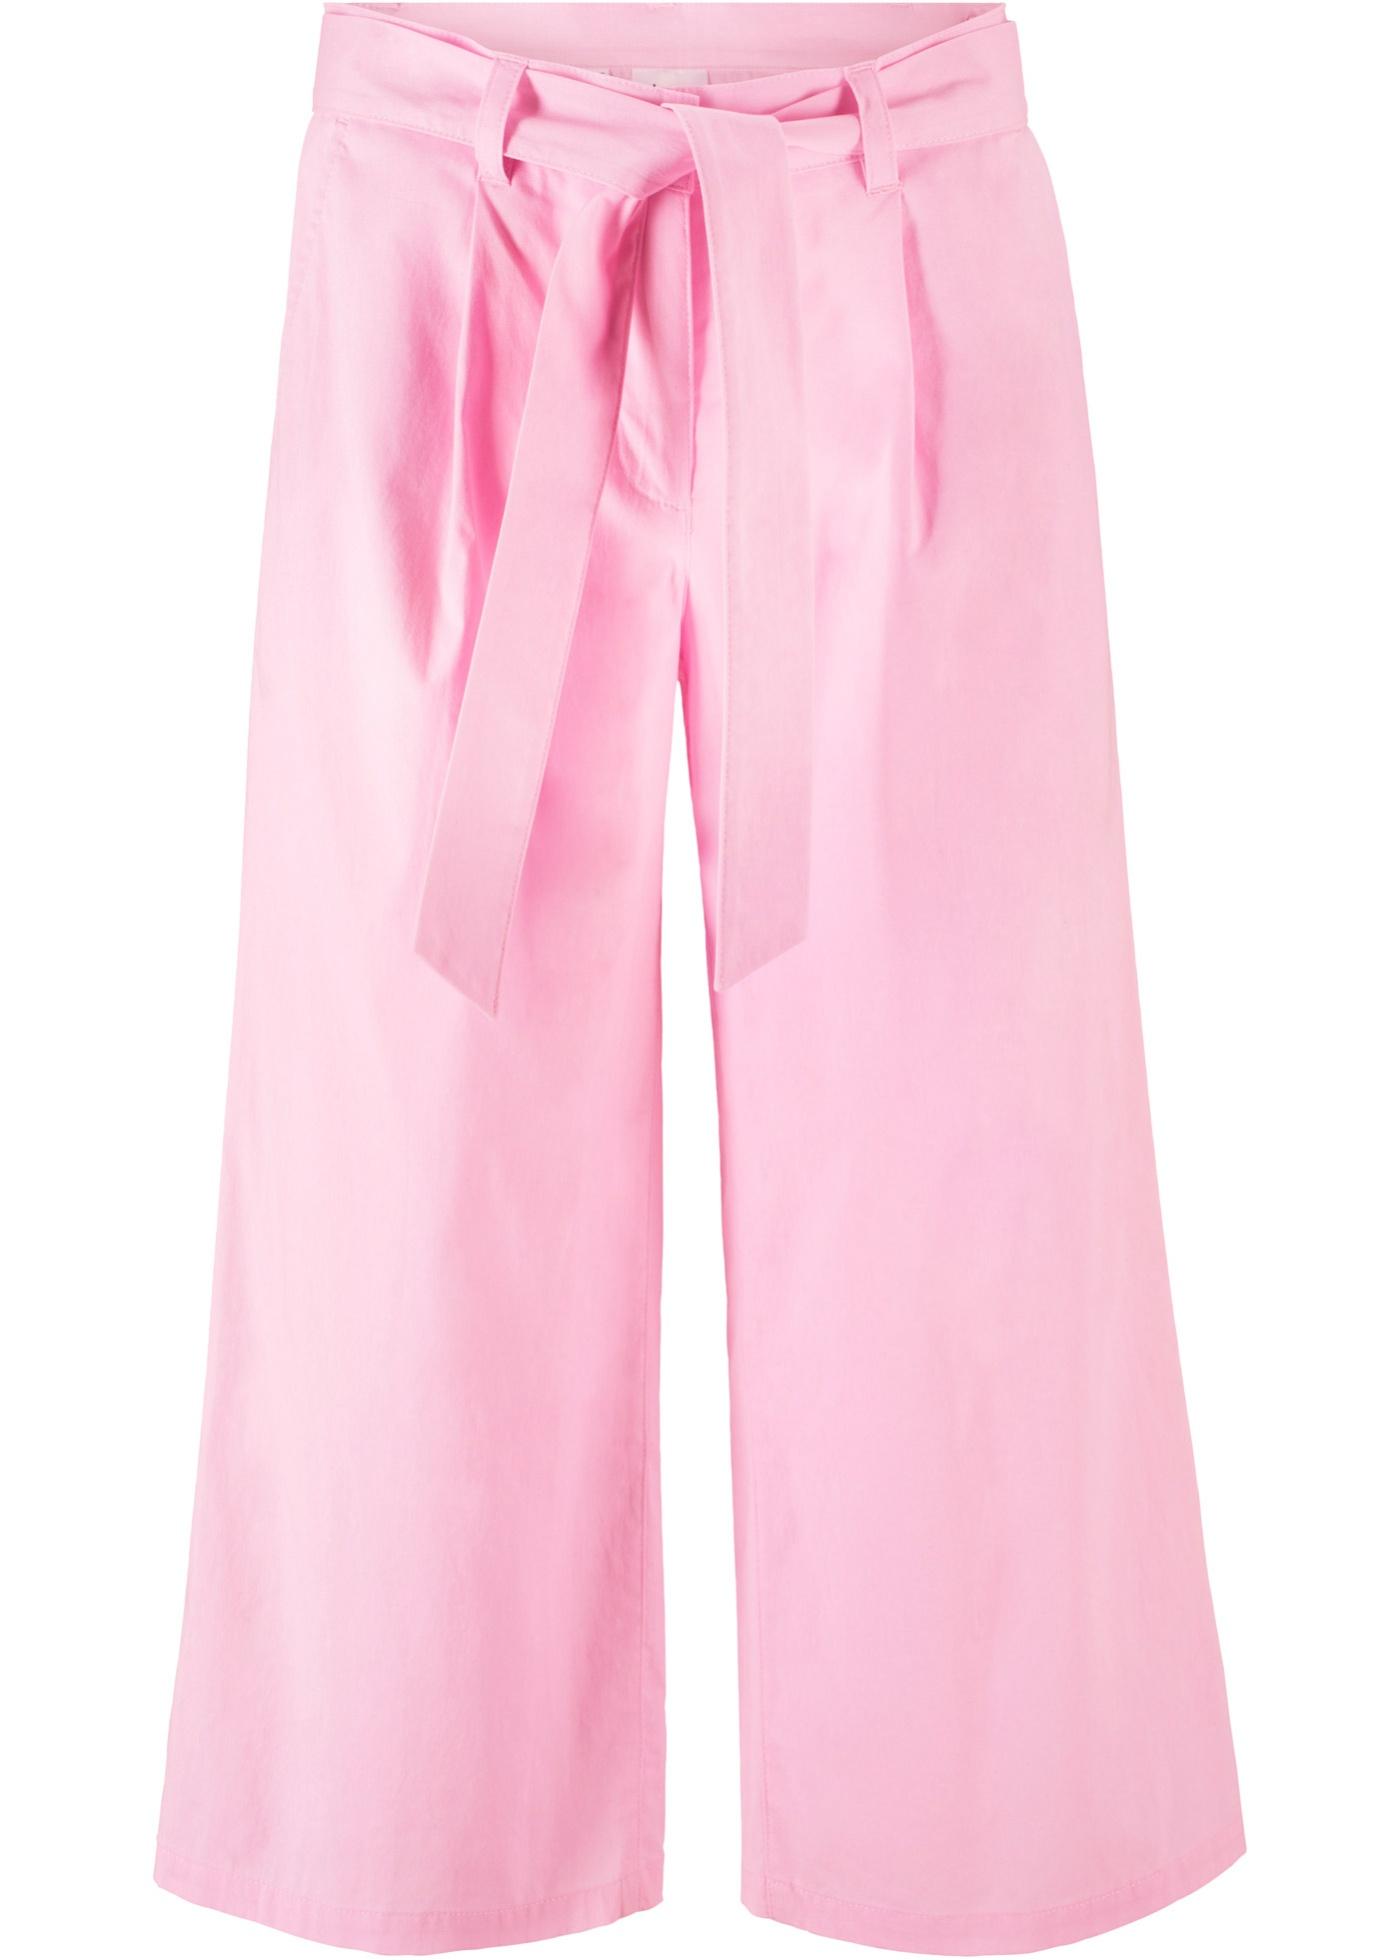 Pantalon 3/4 paper touch avec ceinture à nouer